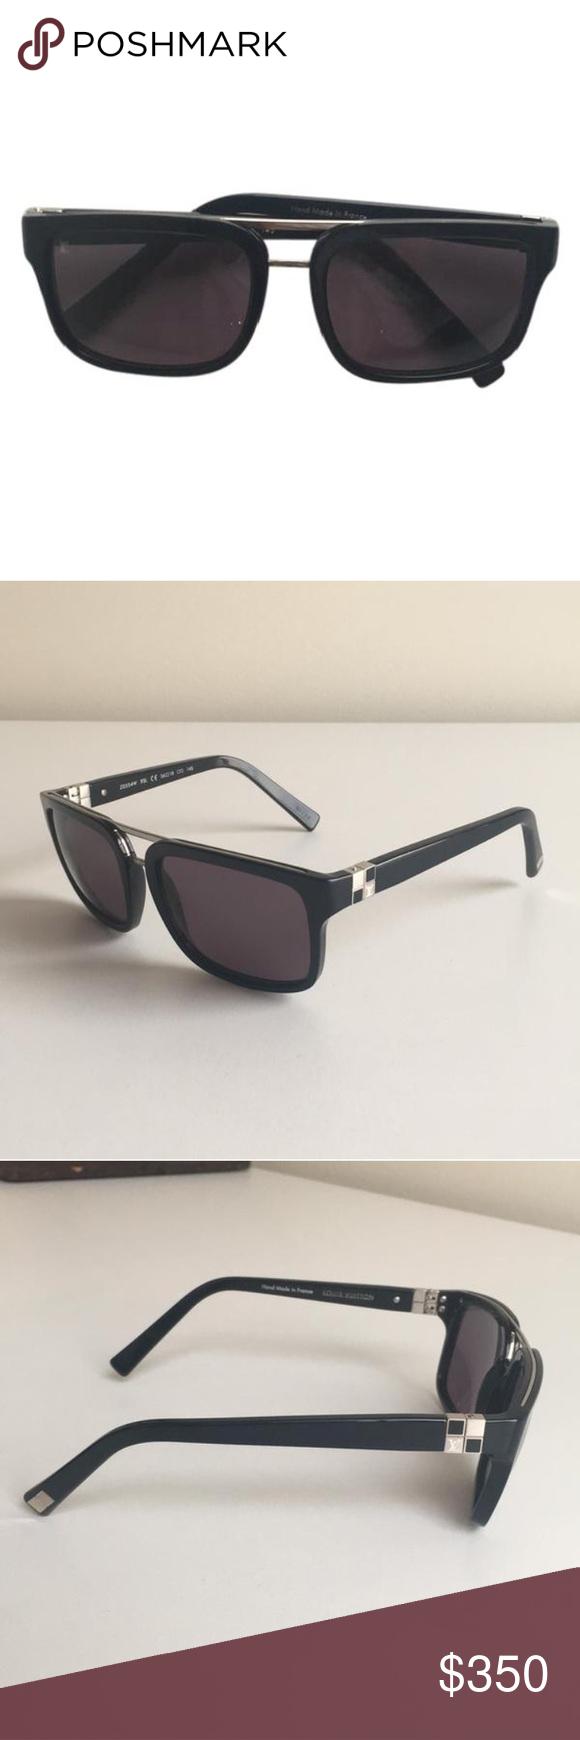 3bb7f850d774 Louis Vuitton sunglasses Louis Vuitton suspicion Unisex sunglasses. Worn  once. Case included. Style Z0554W 93L Louis Vuitton Accessories Glasses